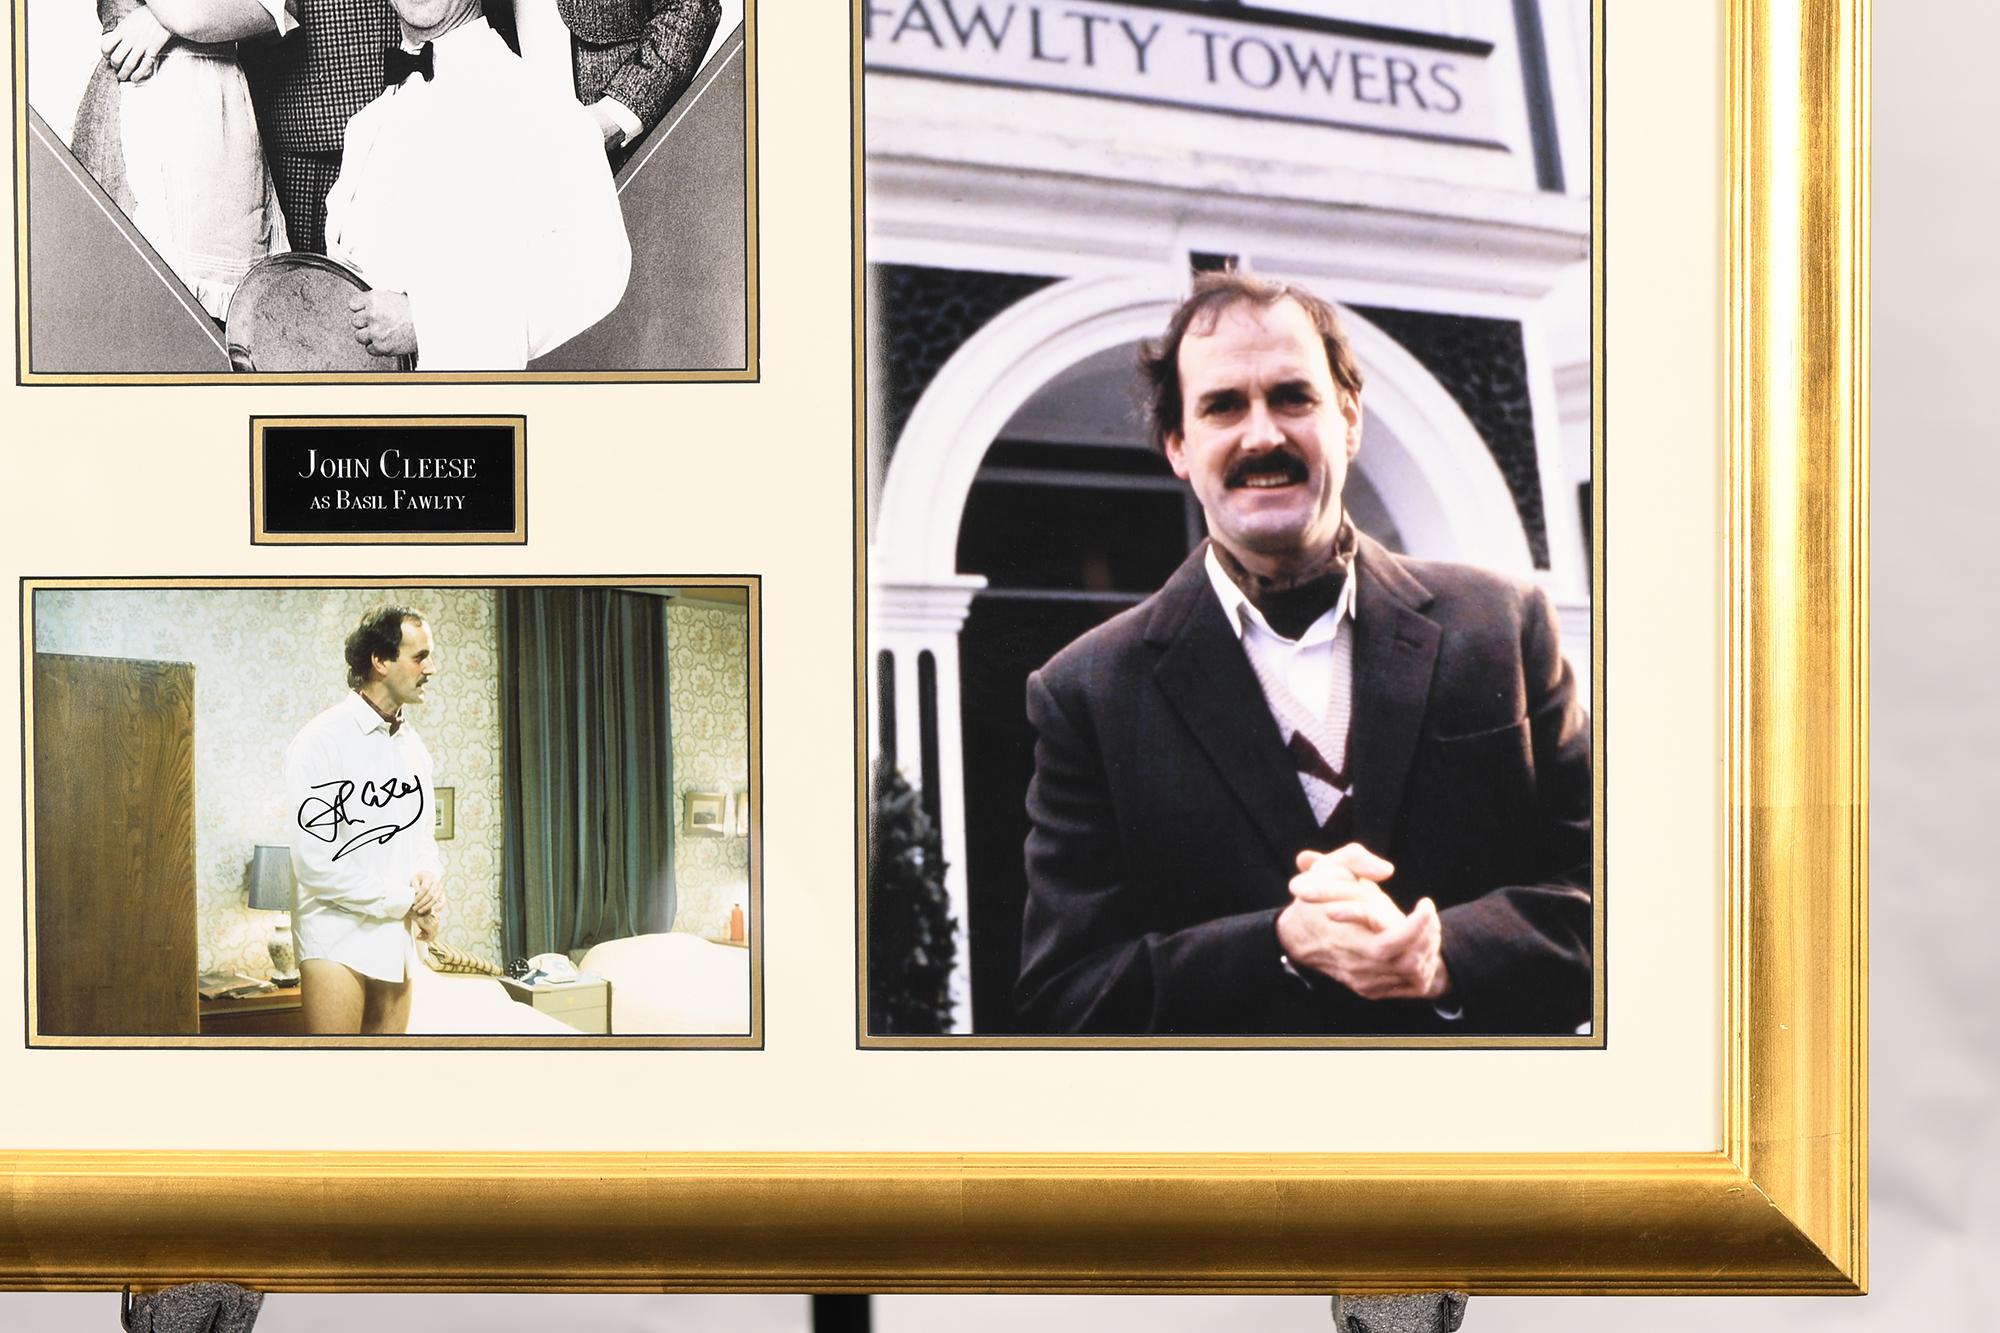 John Cleese Framed Memorabilia - Image 3 of 3